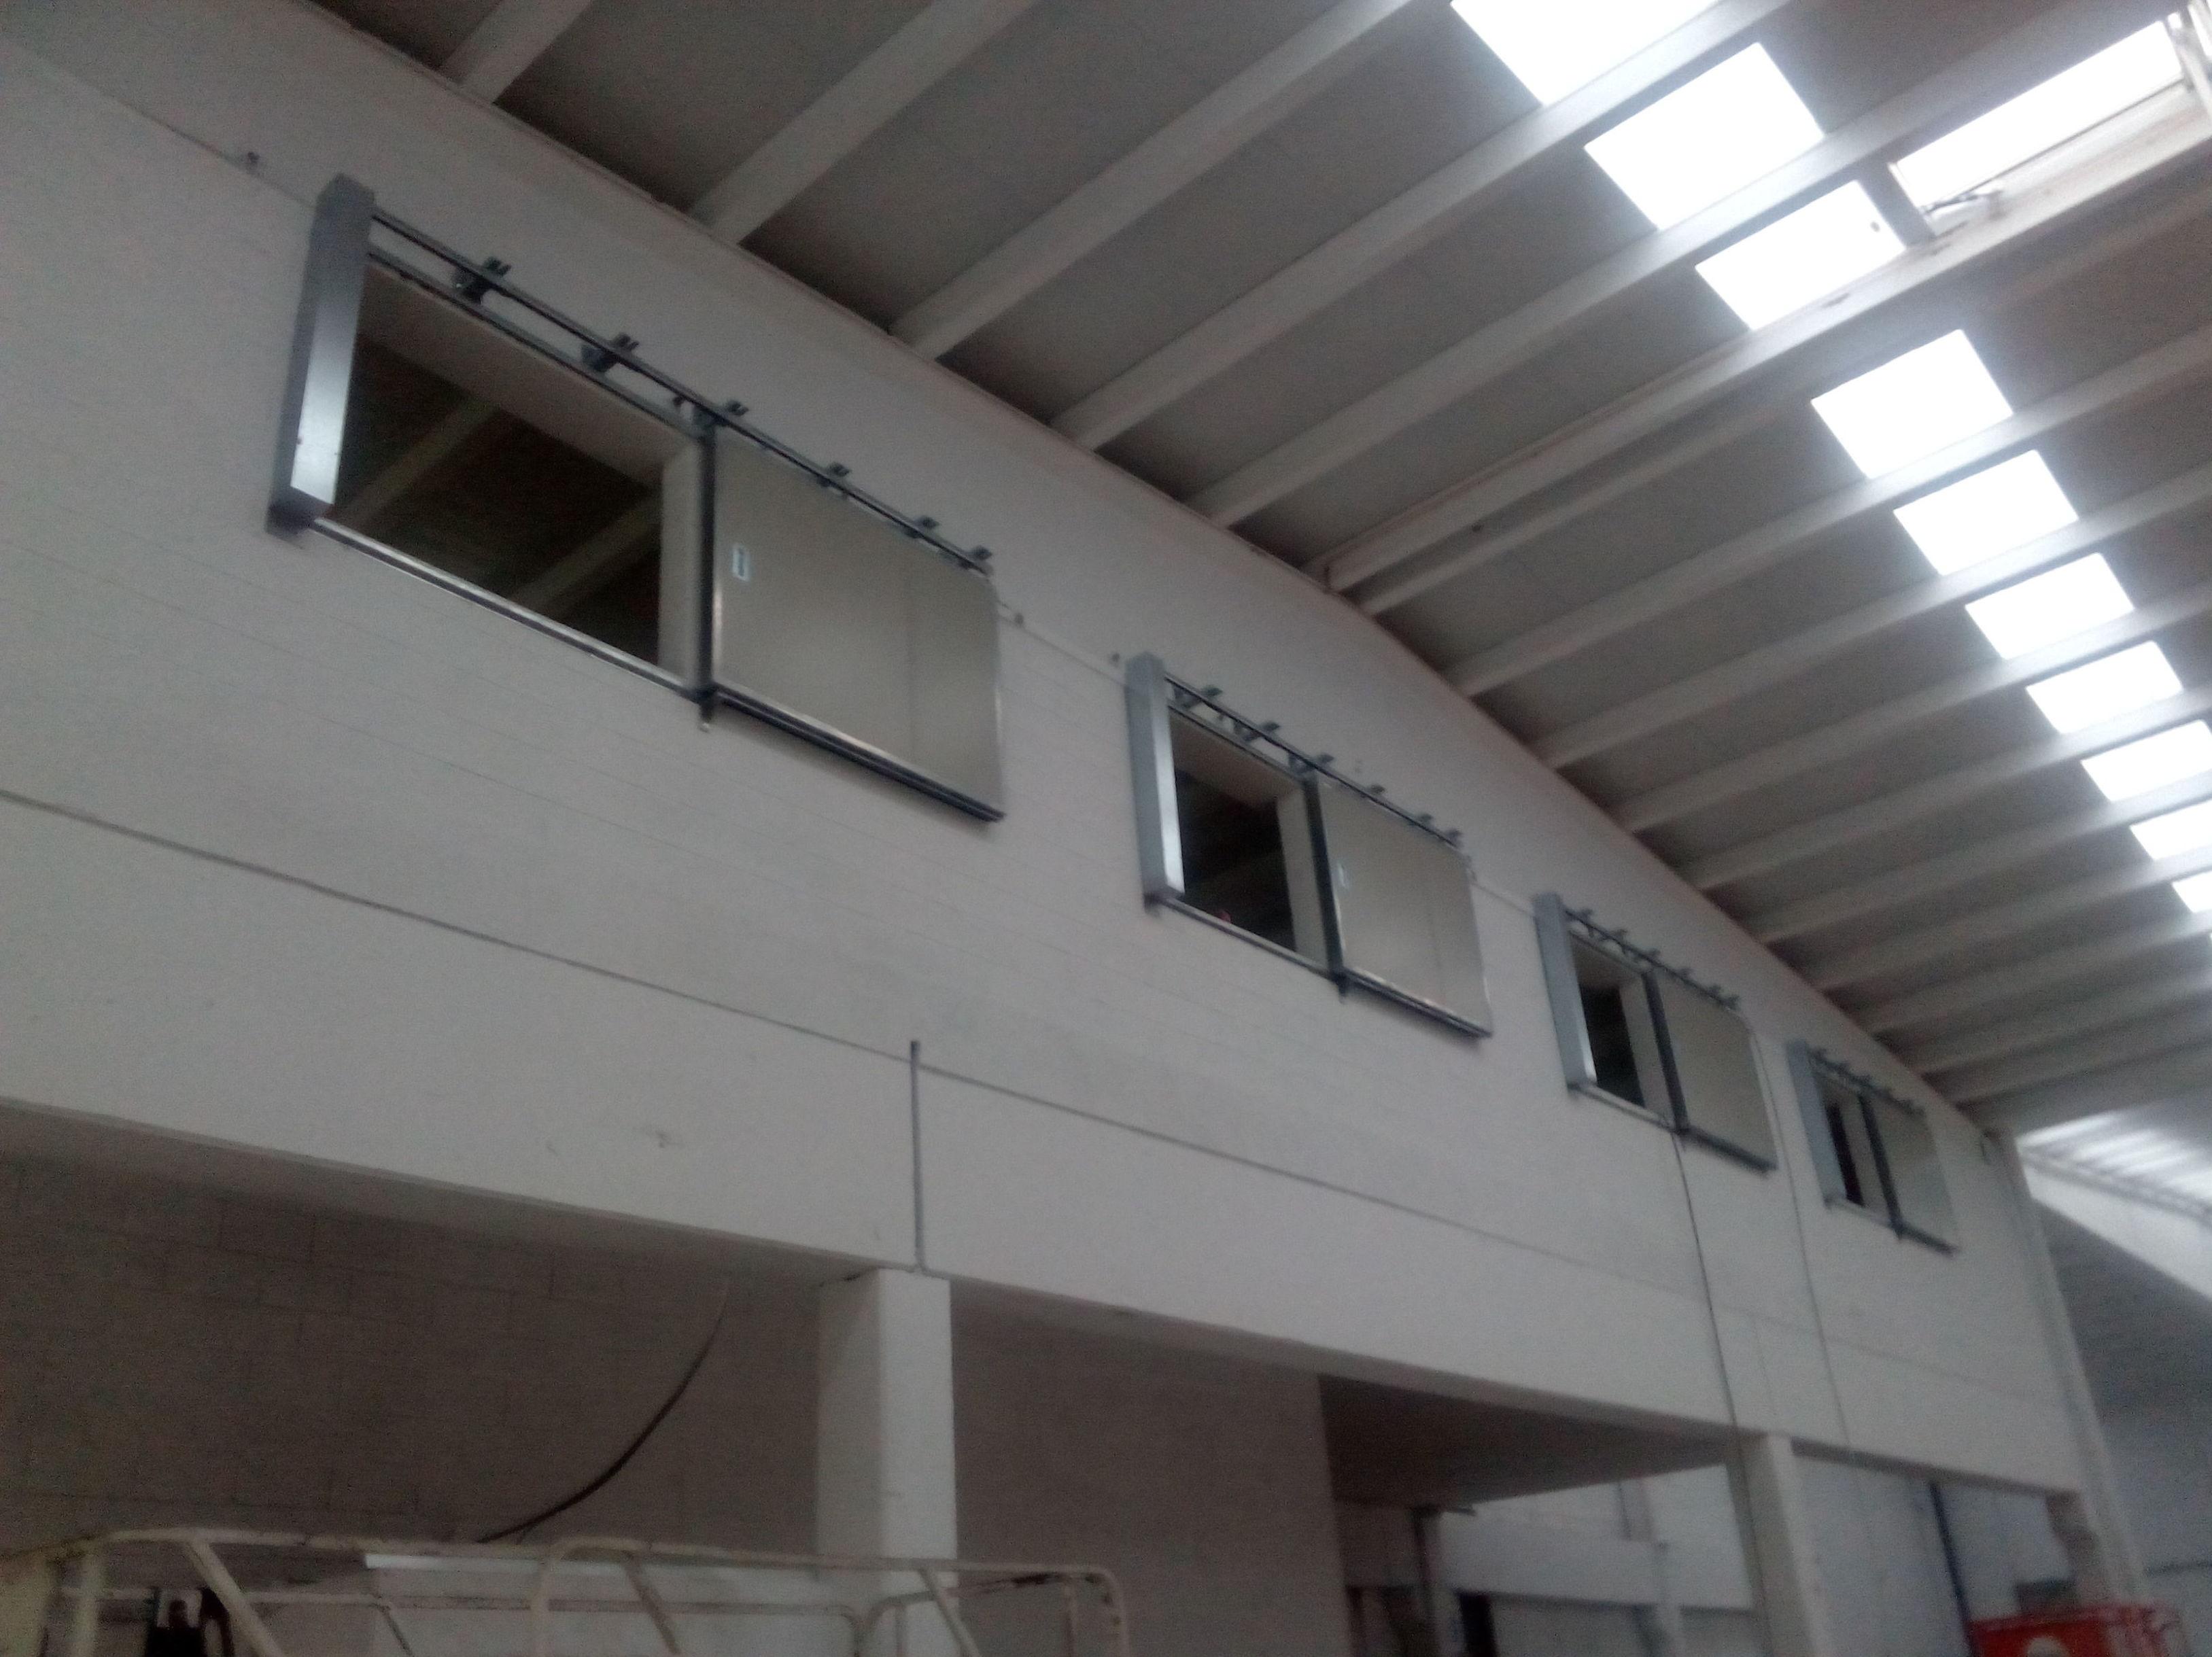 Puerta cortafuegos correderas de una hoja para ventanas cierre por fusible térmico